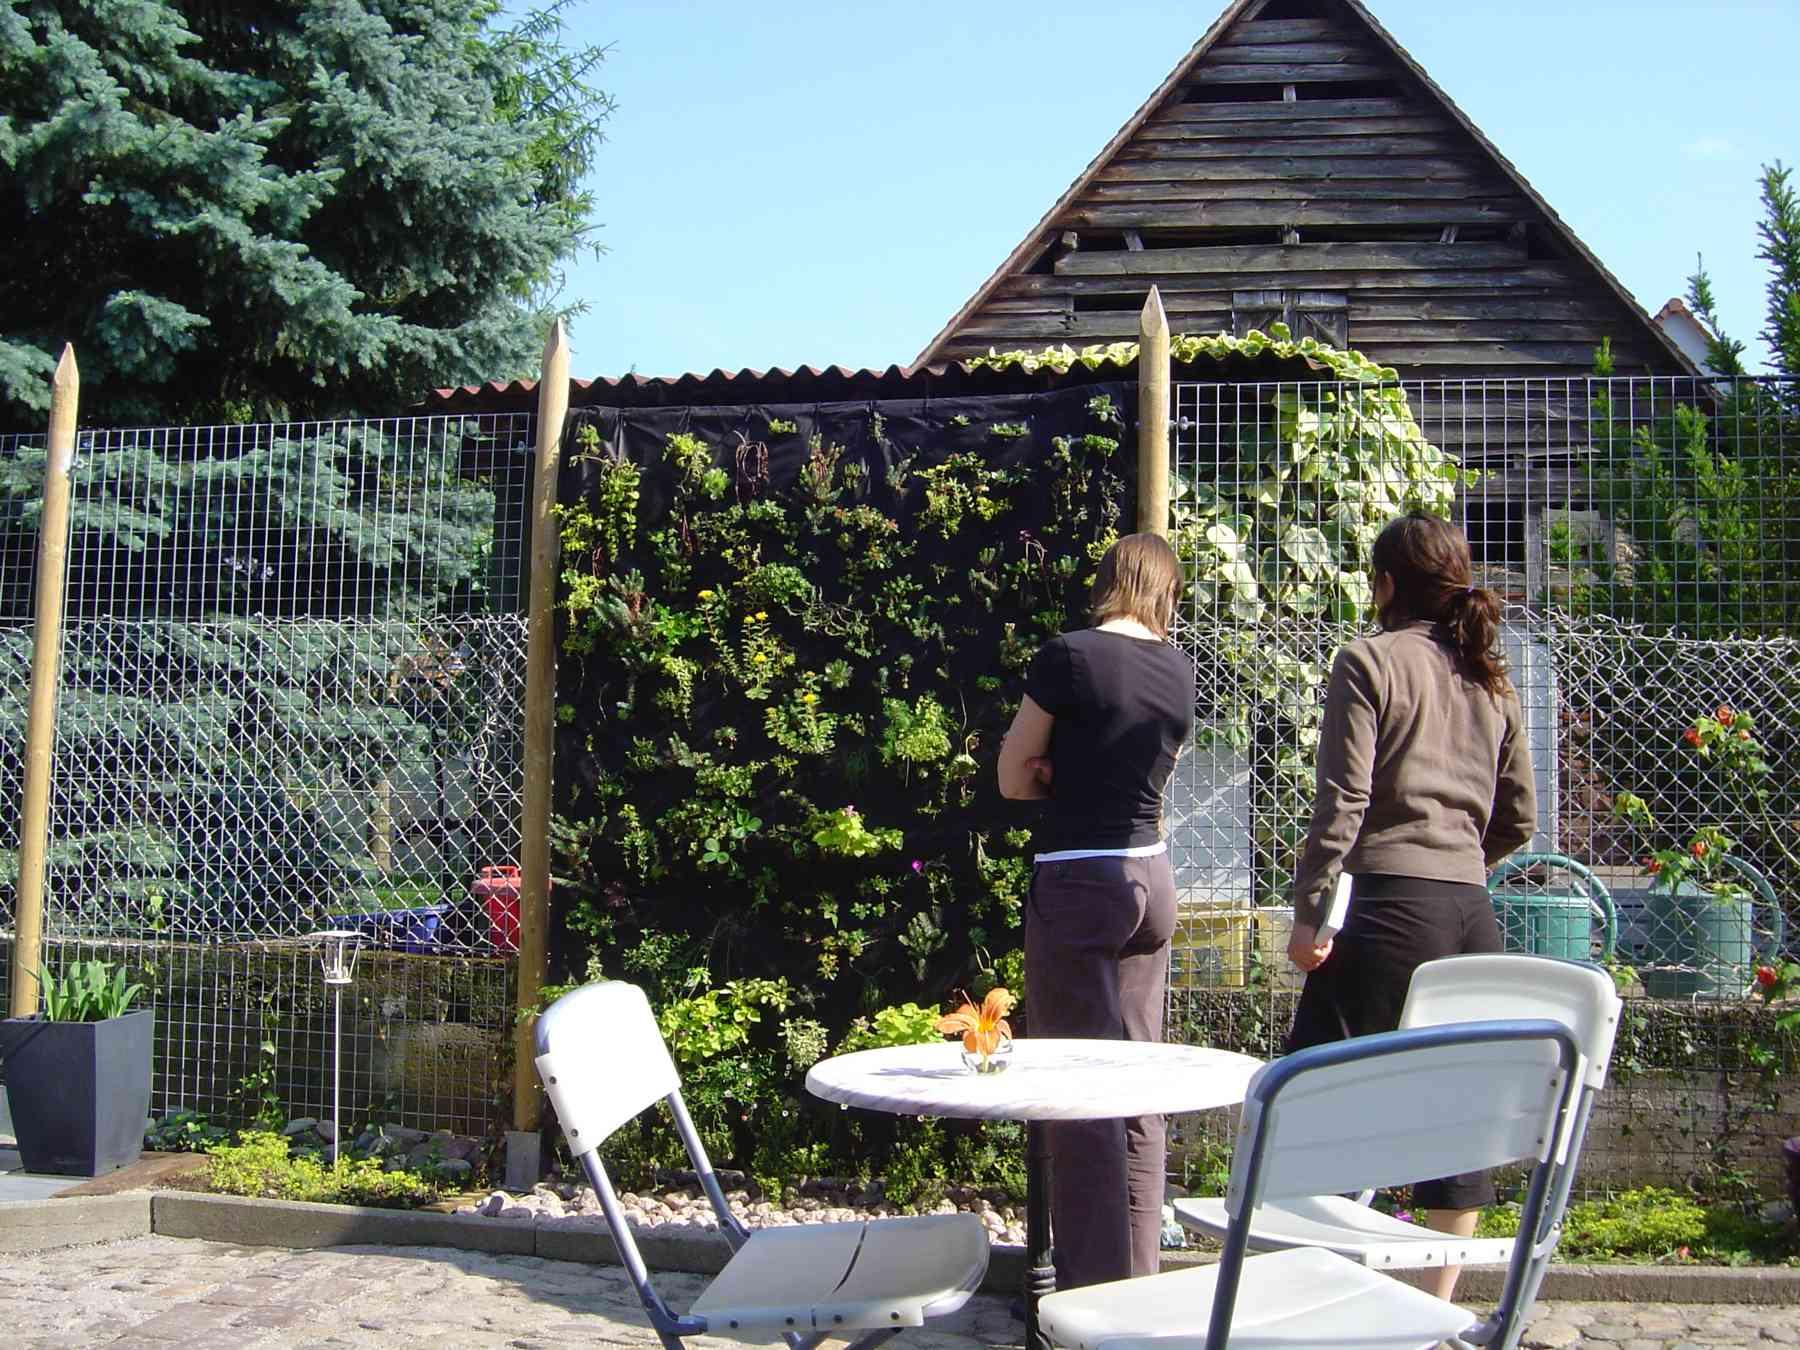 Le jardin de la GrAnge - mur végétal en 2007